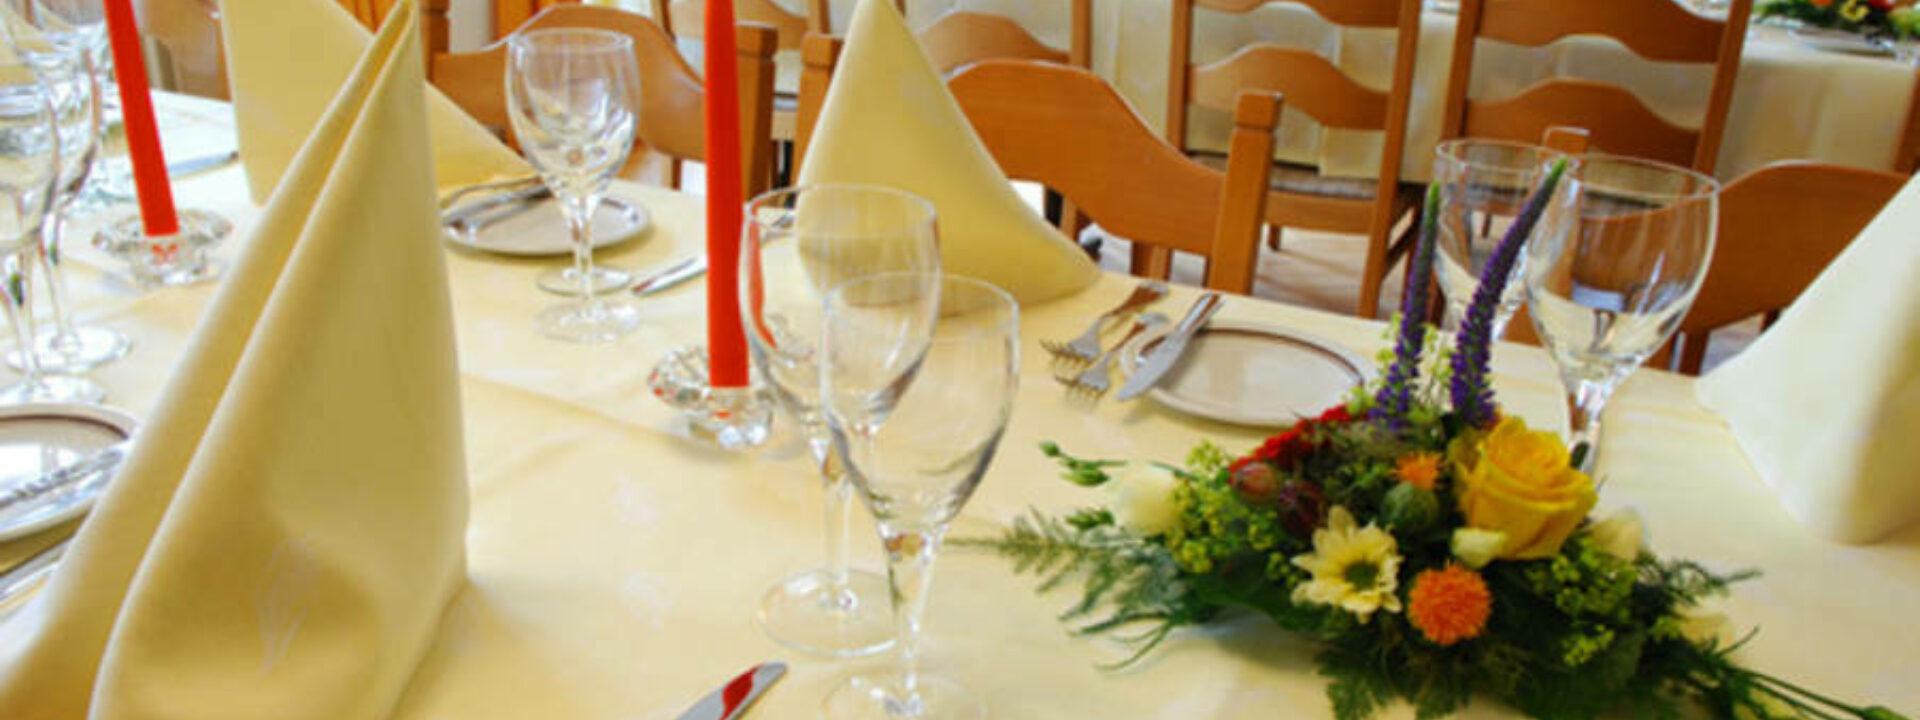 Restaurant Jägerstübli